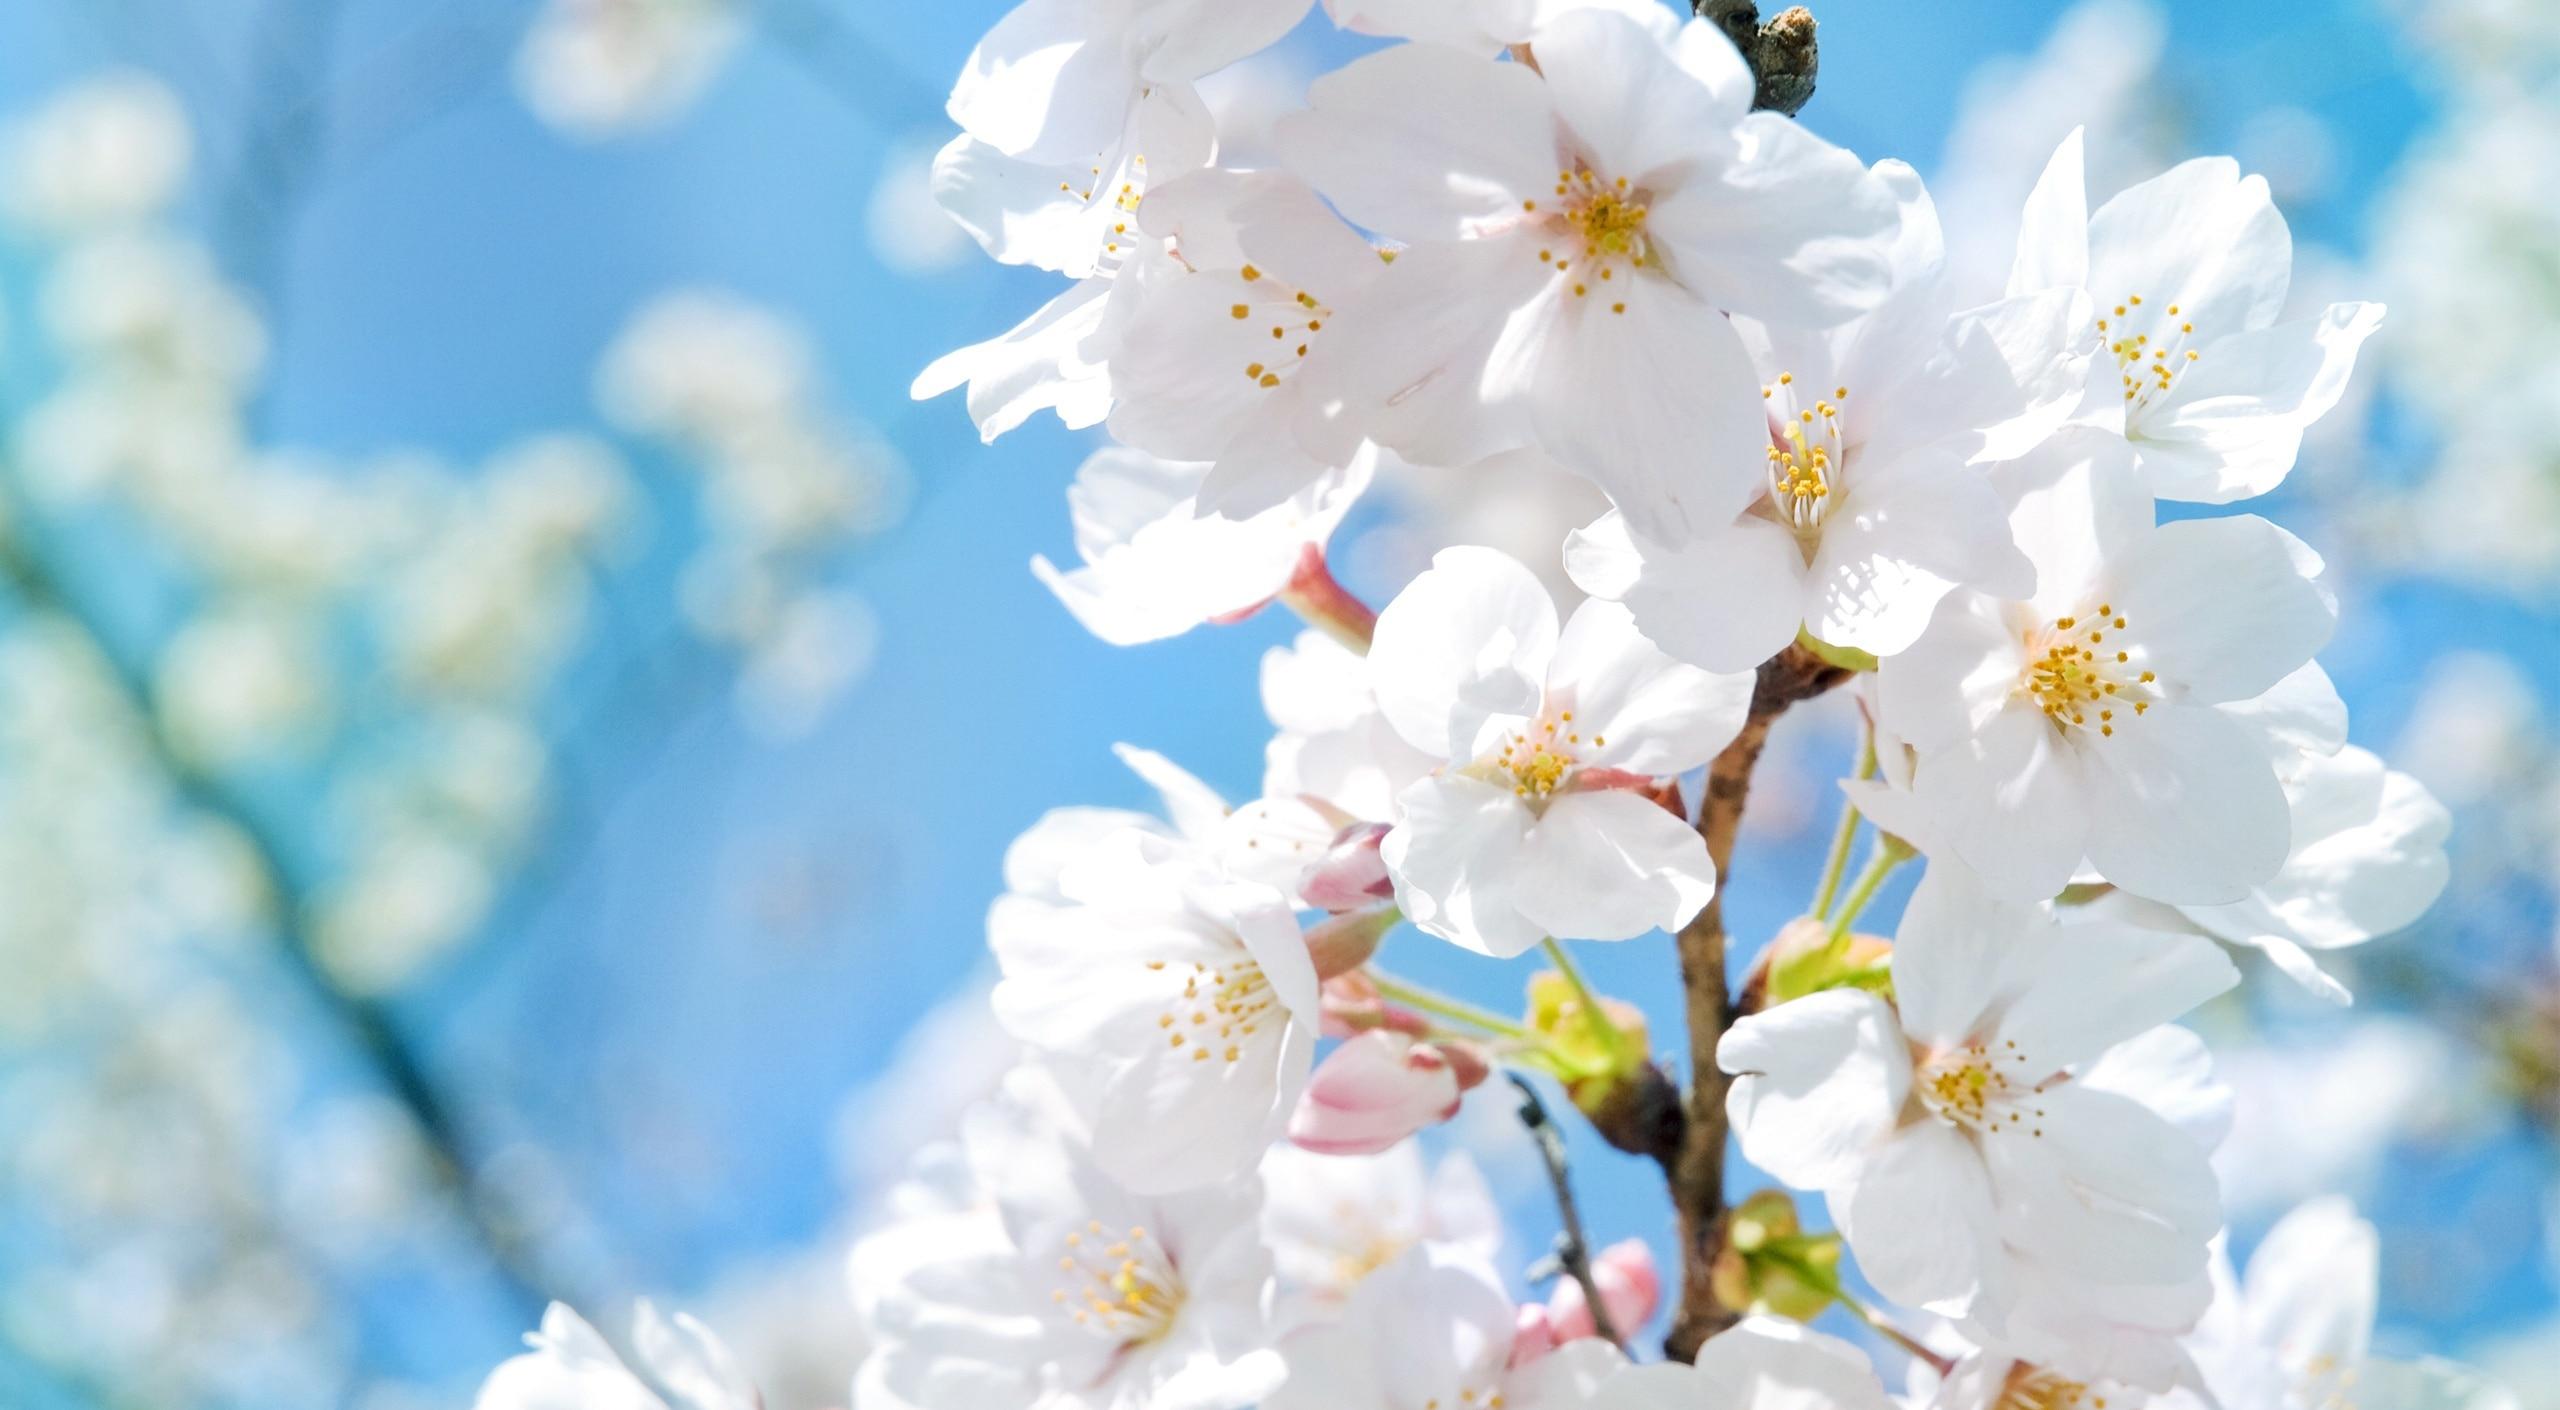 春暖花开的句子唯美